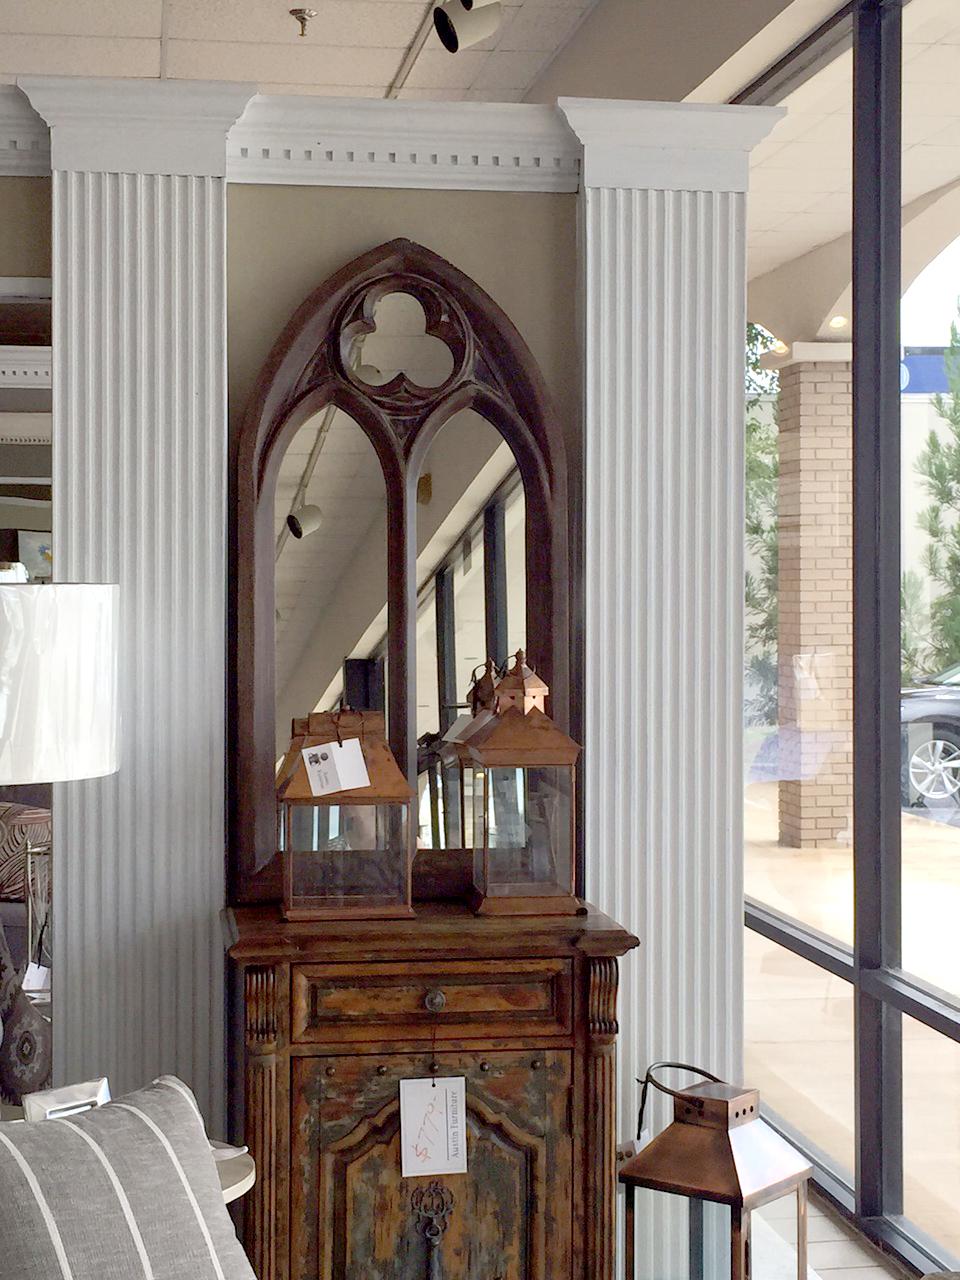 Austin Furniture, Athens, GA